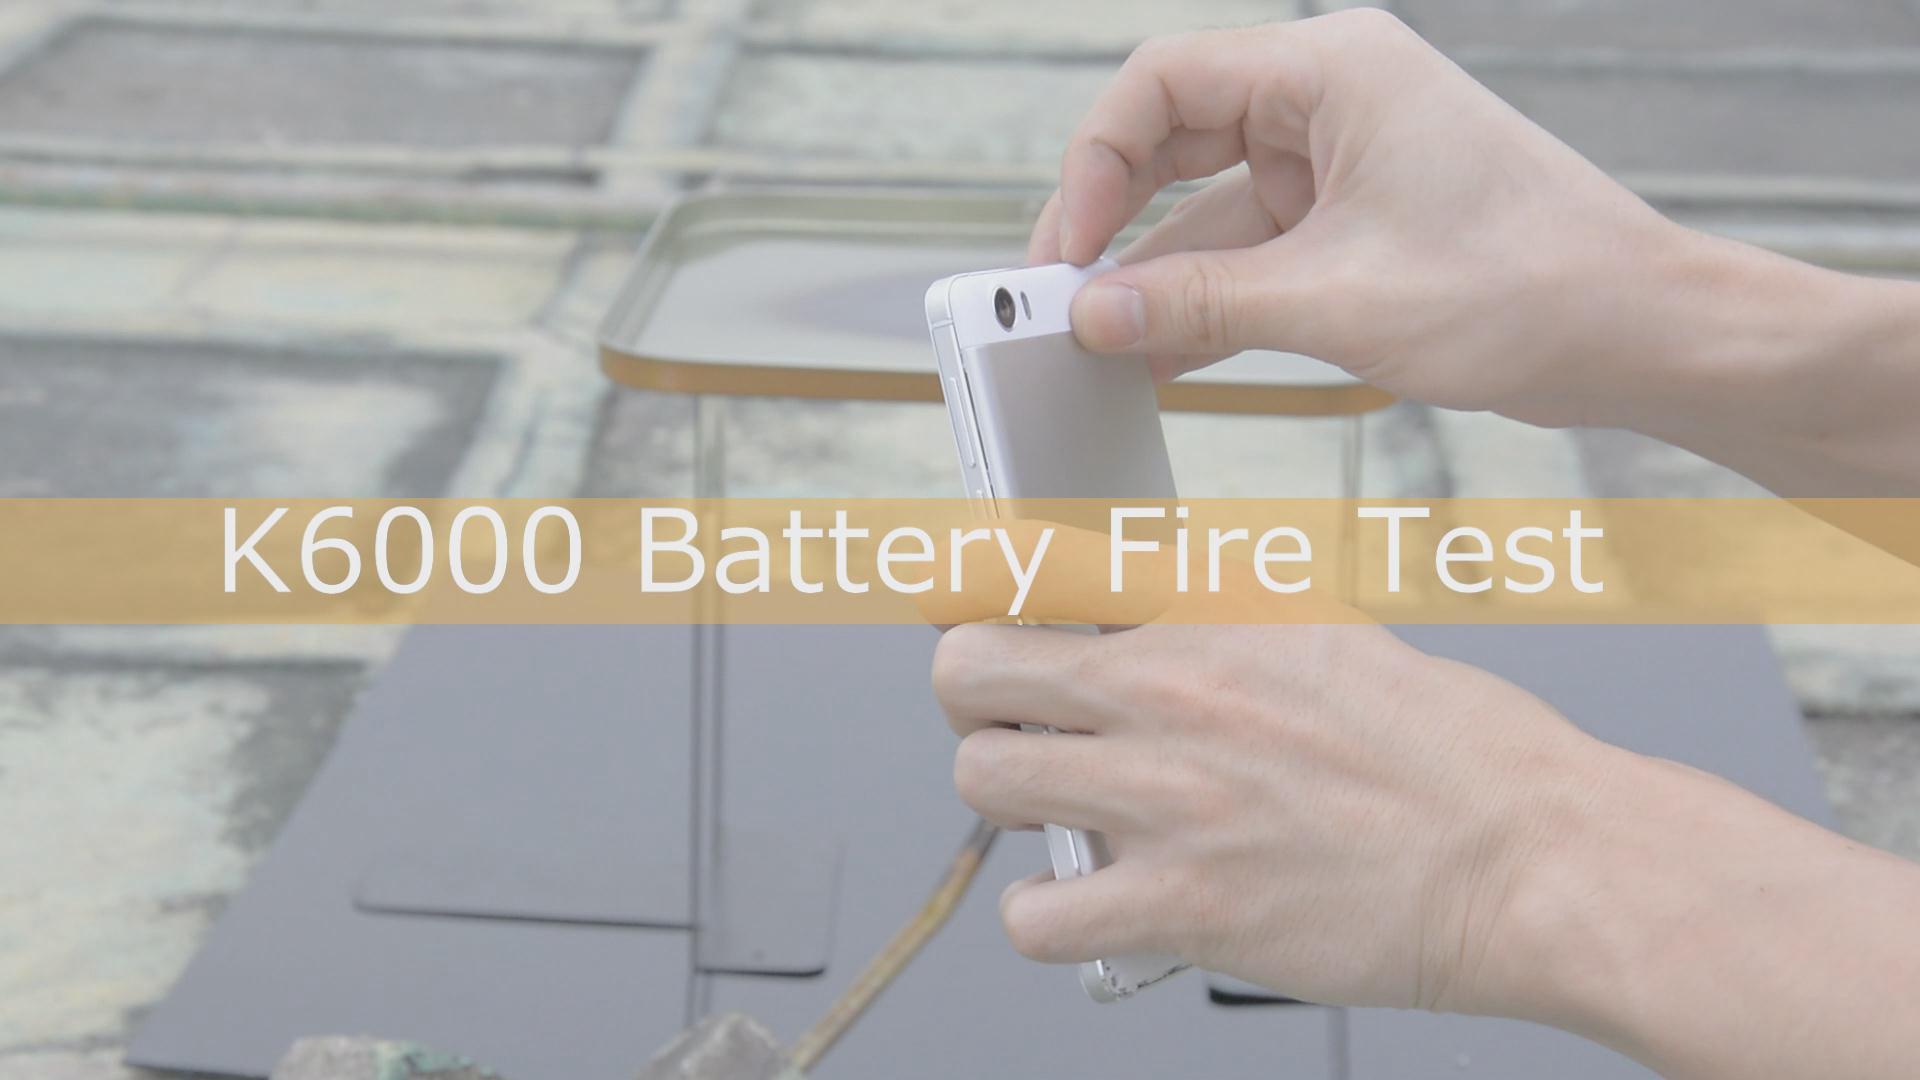 K6000 battery fire test